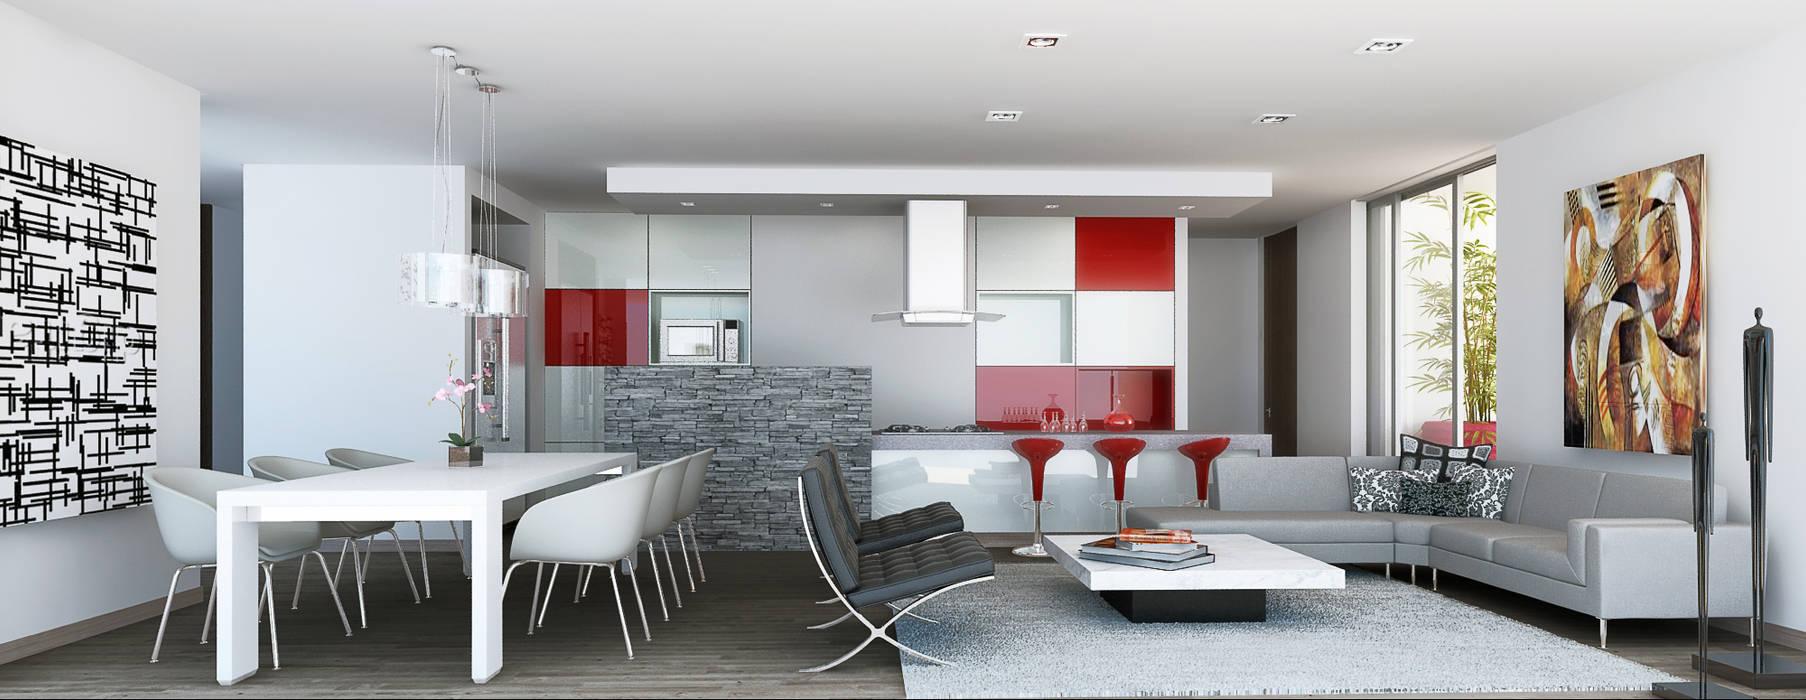 Departamento modelo Casas de estilo minimalista de MIES GROUP Minimalista